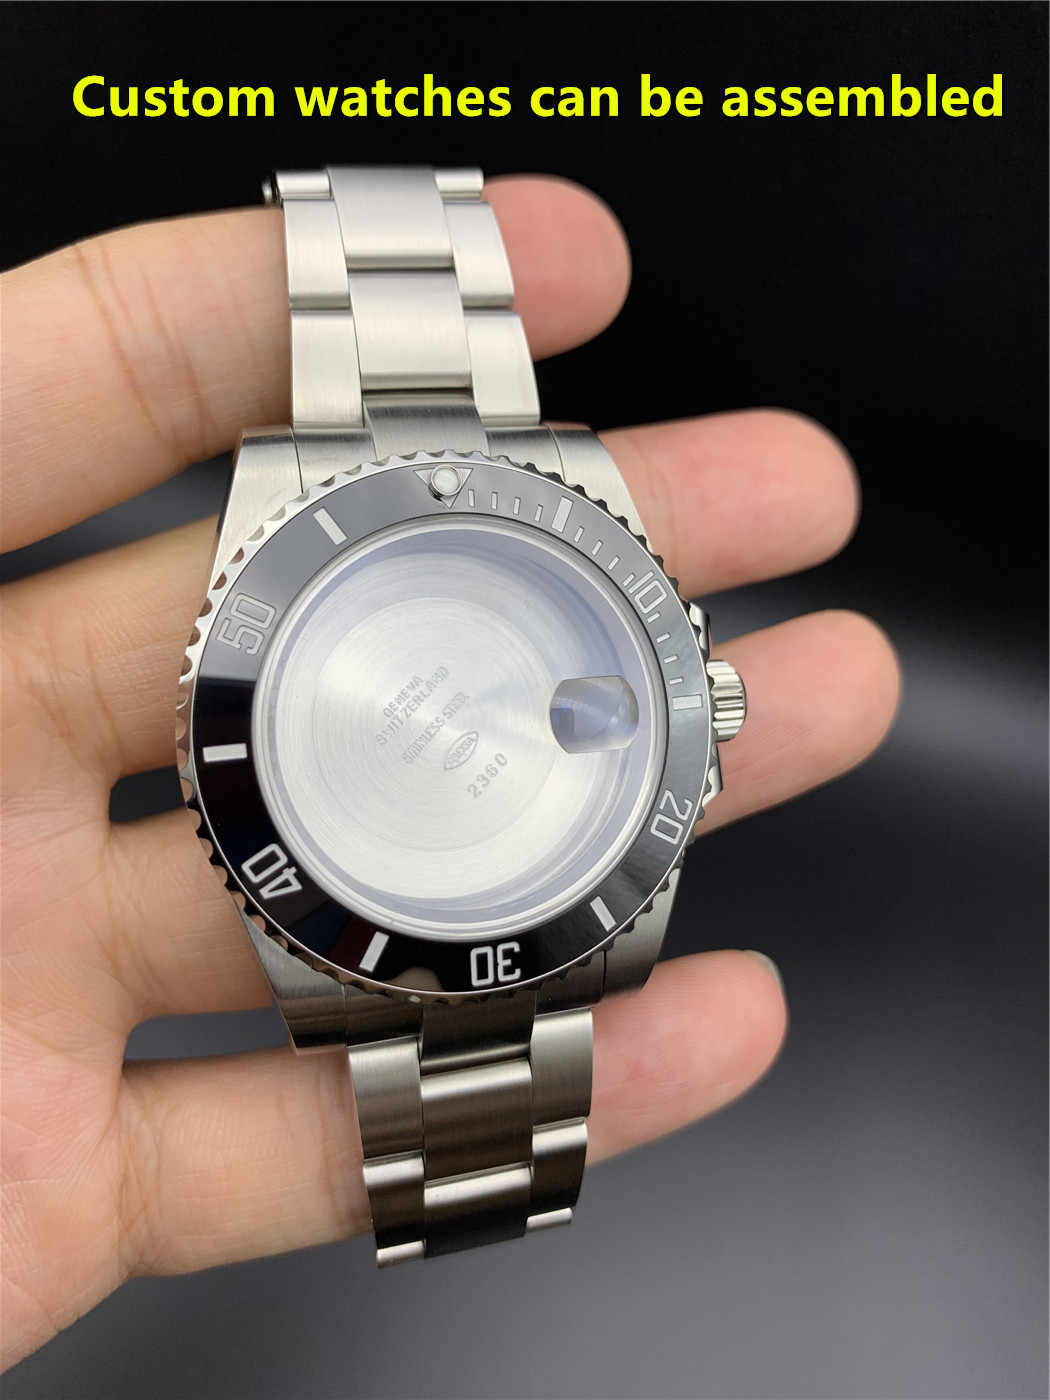 中国クローン RLX 3135 ムーブメント自動機械式時計のムーブメントブルーバランス